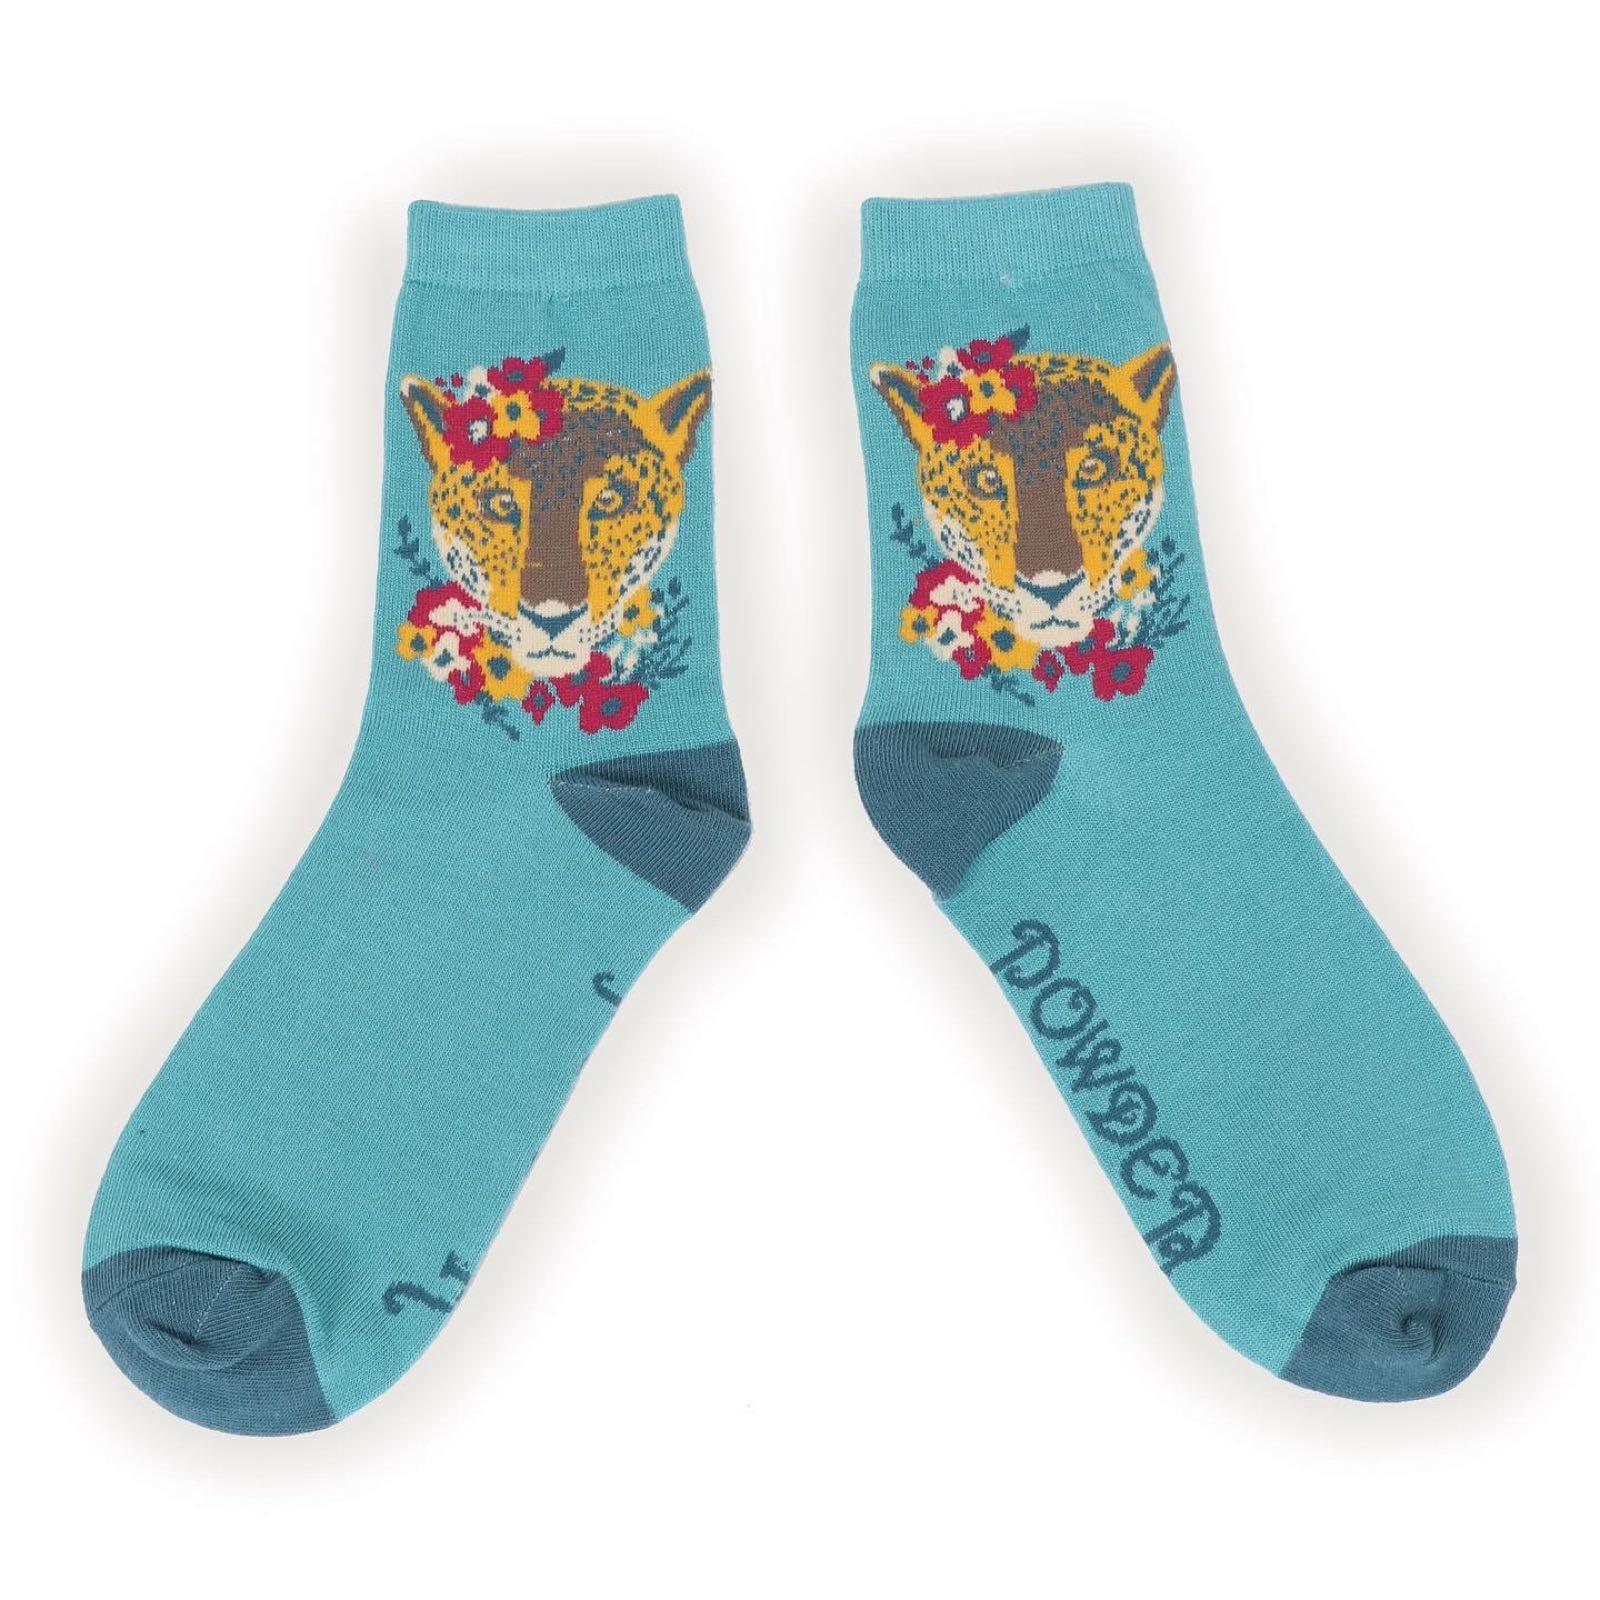 Powder Leopard socks